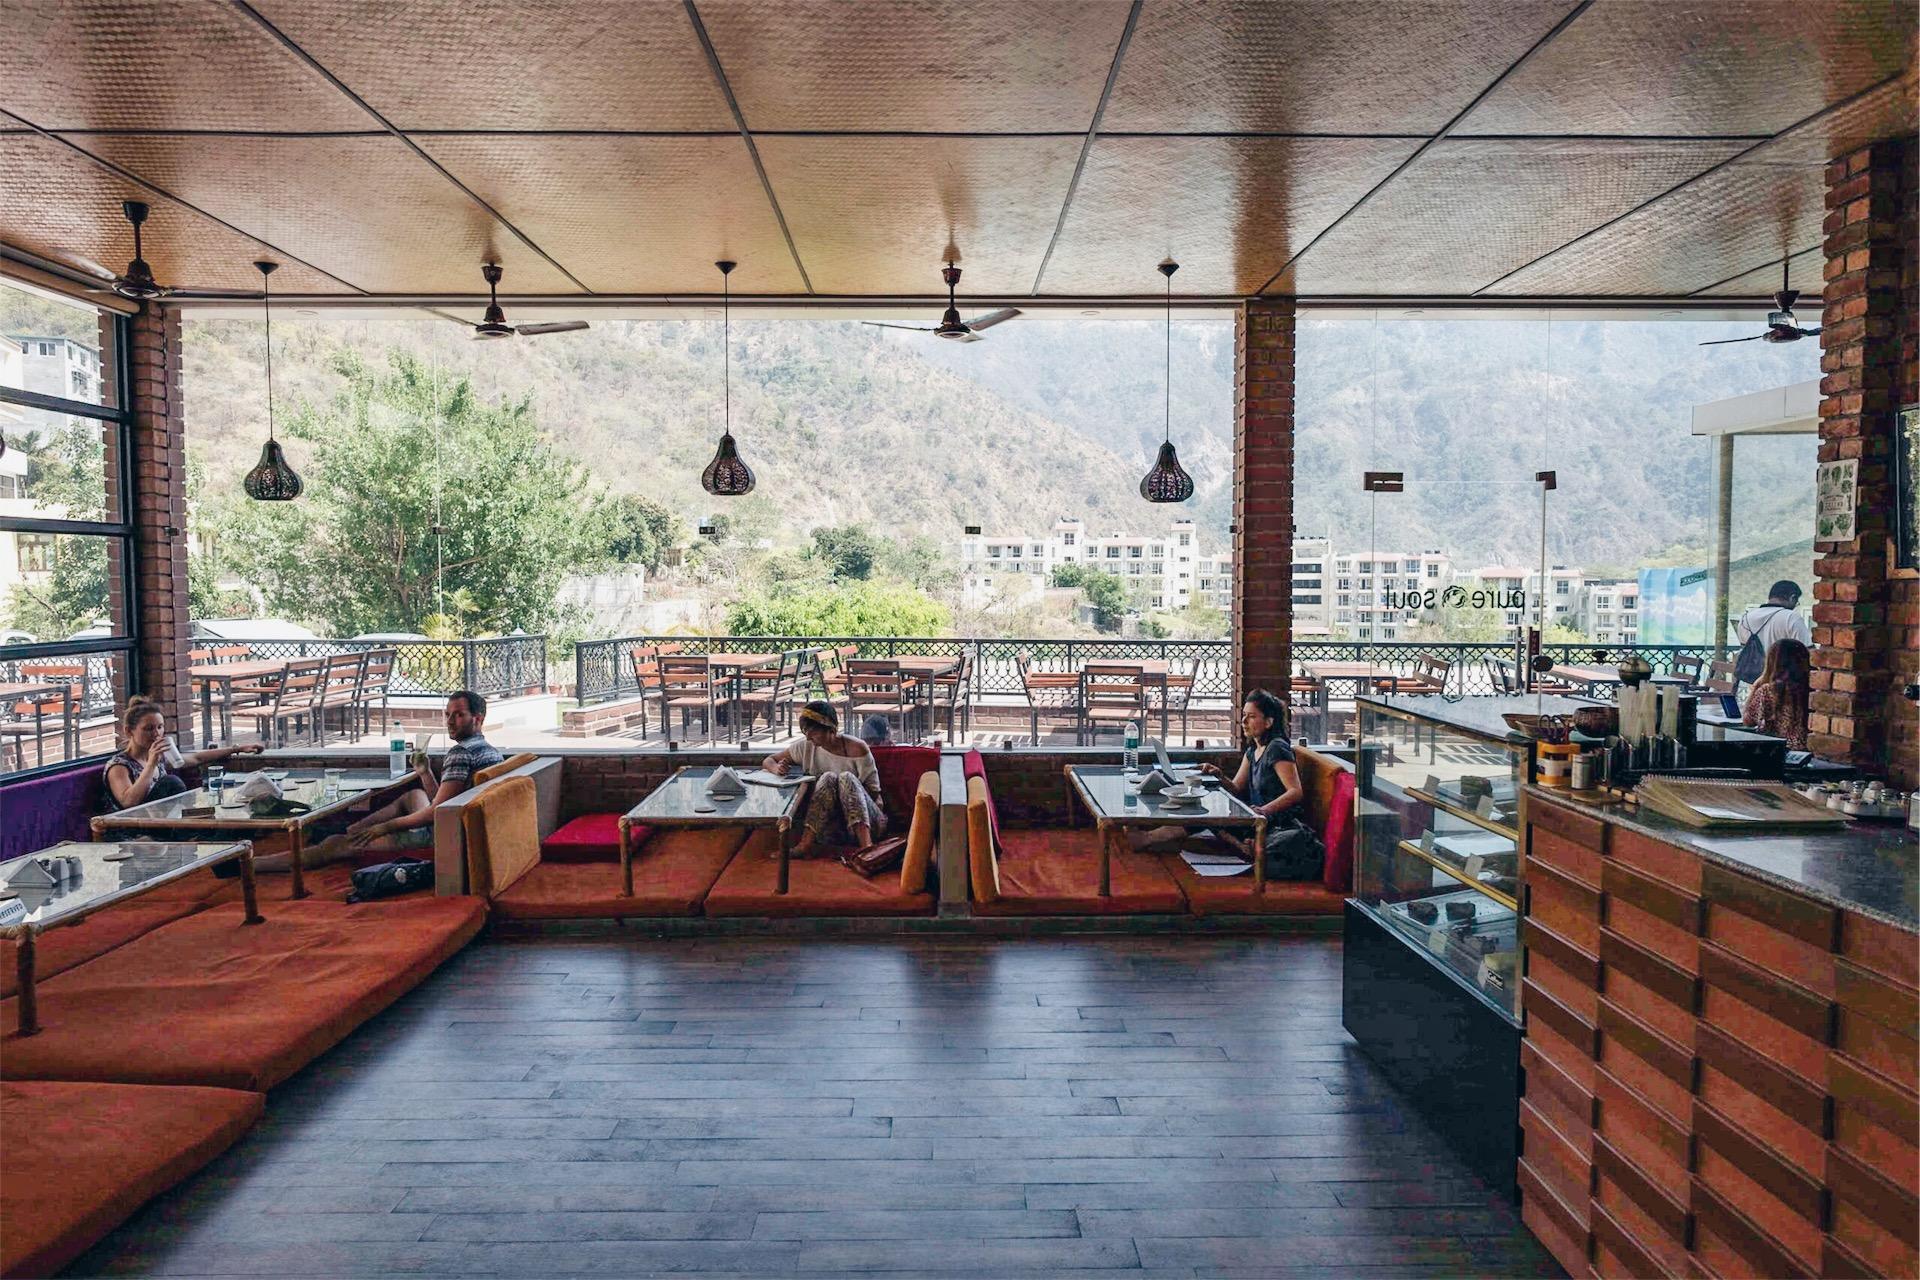 ヨガの聖地「リシケシ」でのんびり作業できるおすすめのWi-Fiカフェ 3選|インド